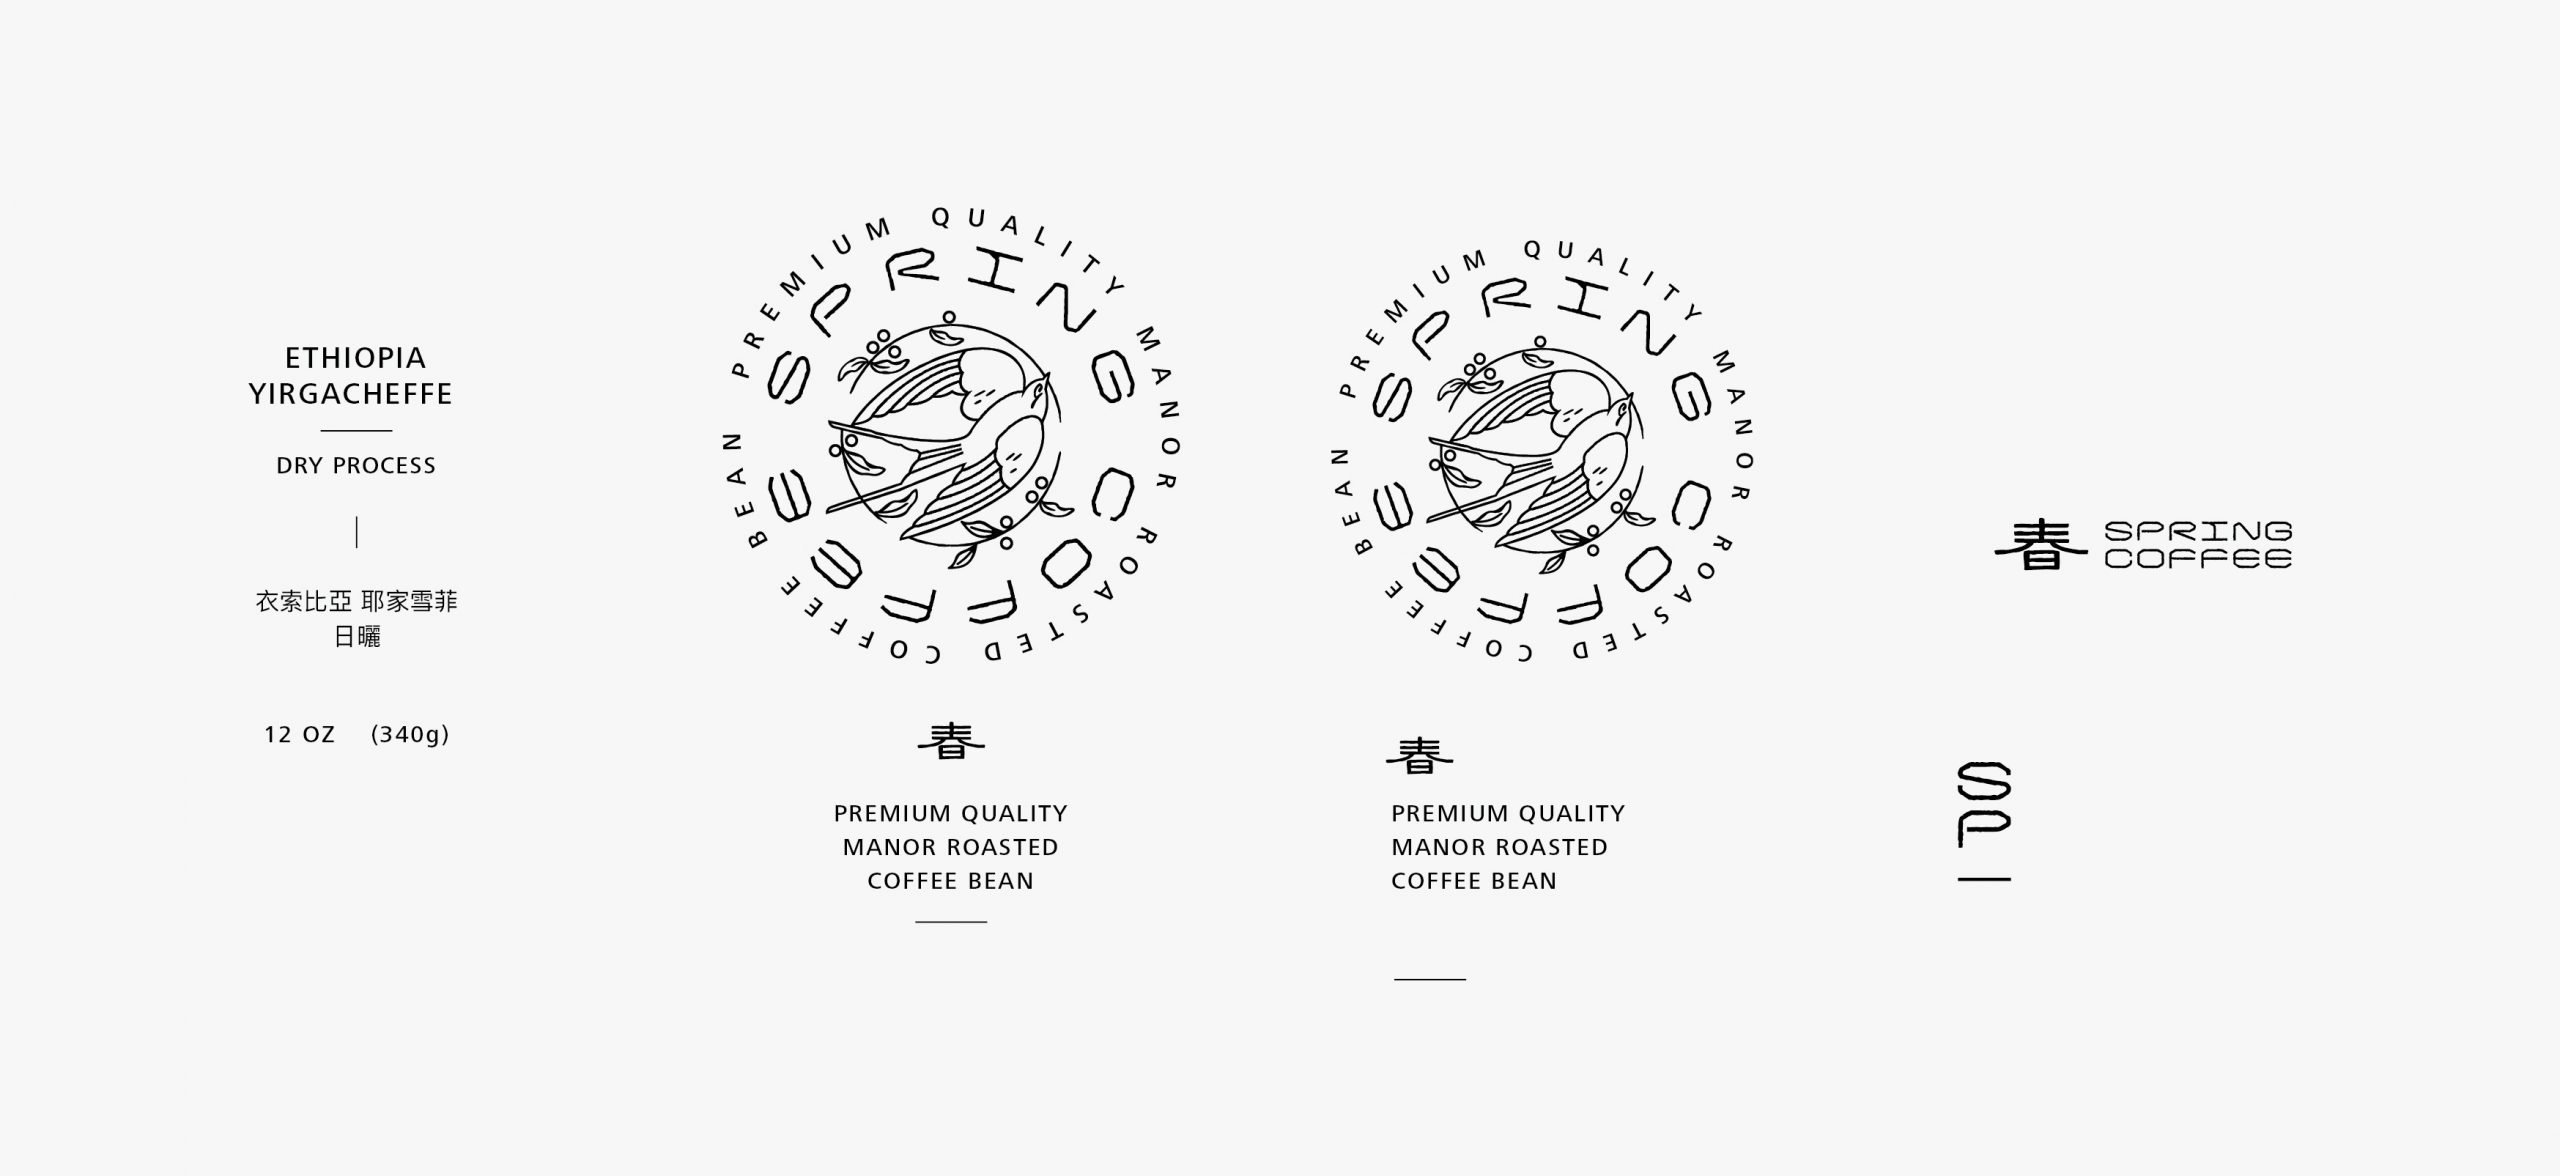 Spring Coffee 春啡咖啡品牌視覺設計 1